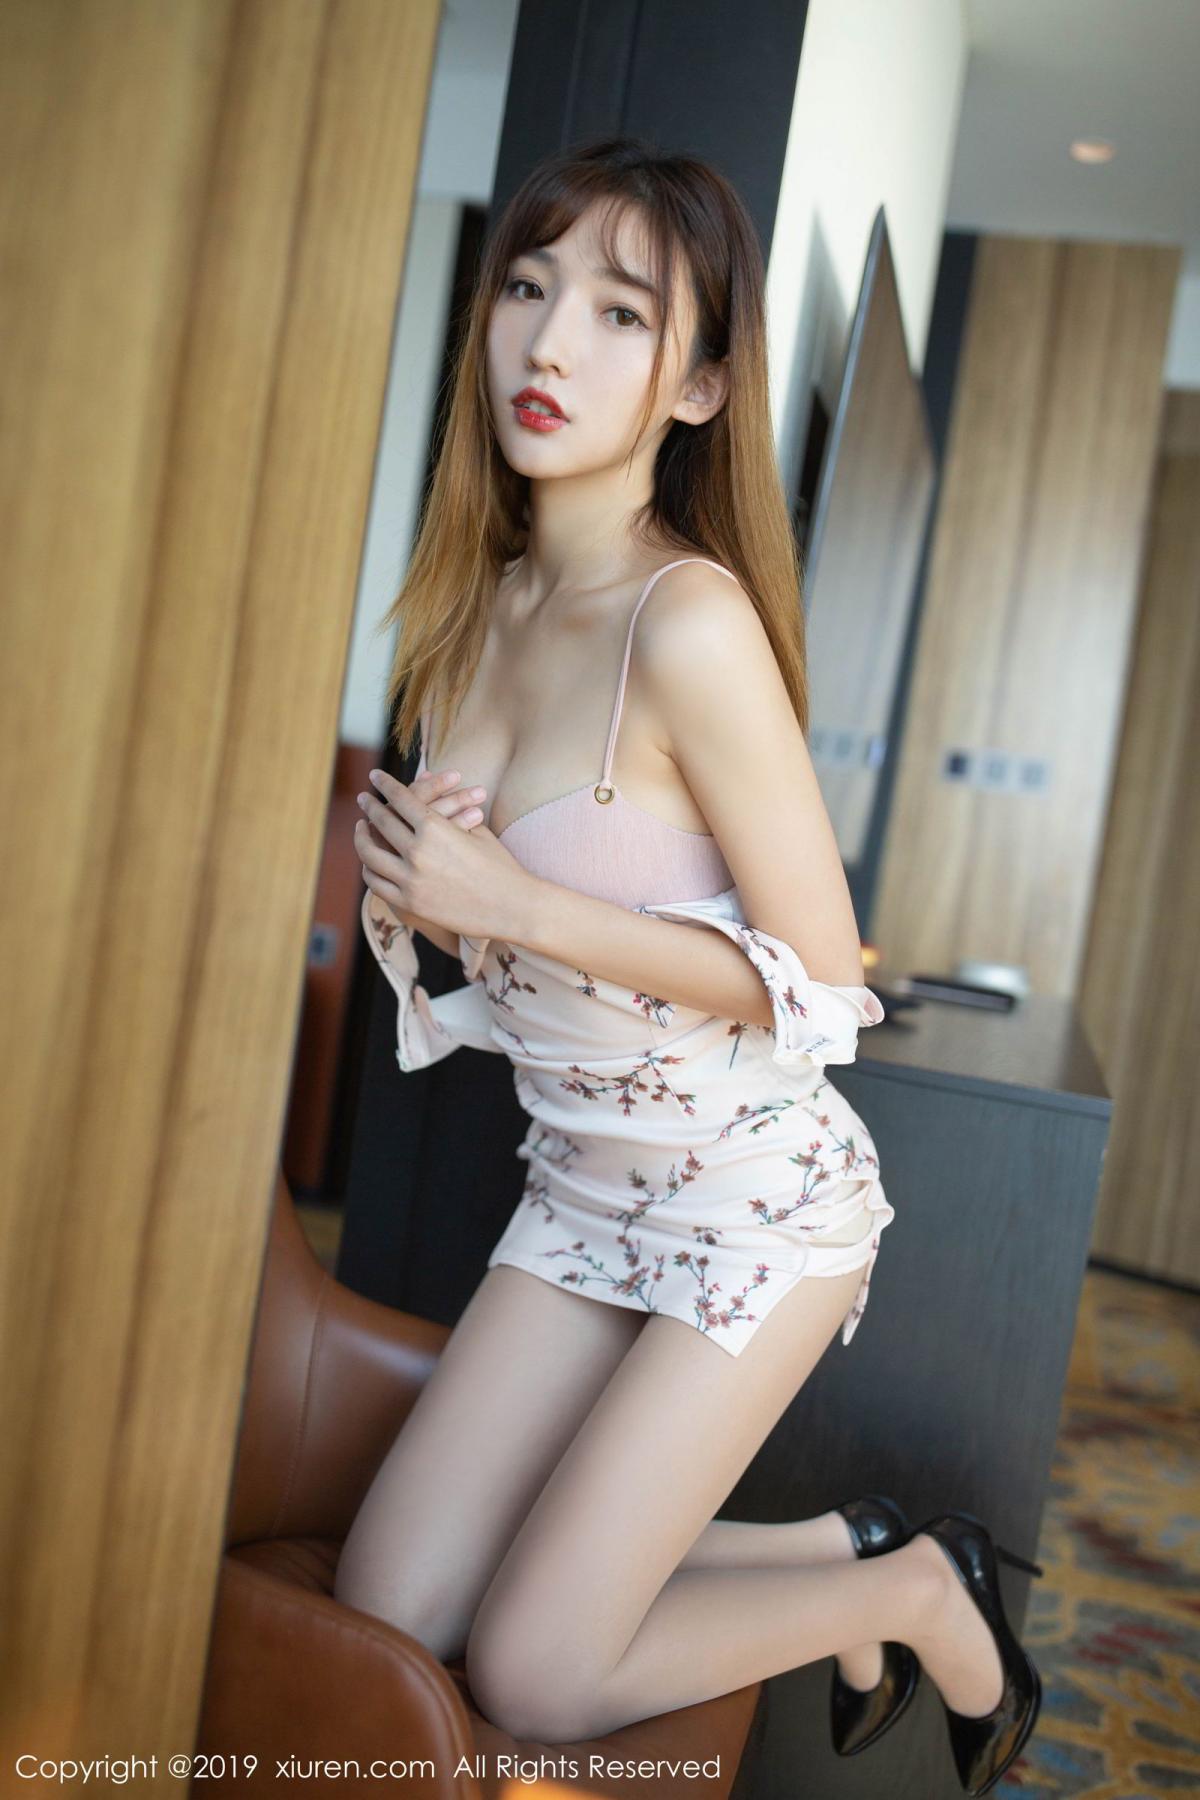 [XiuRen] Vol.1737 Lu Xuan Xuan 2 26P, Cheongsam, Lu Xuan Xuan, Underwear, Xiuren